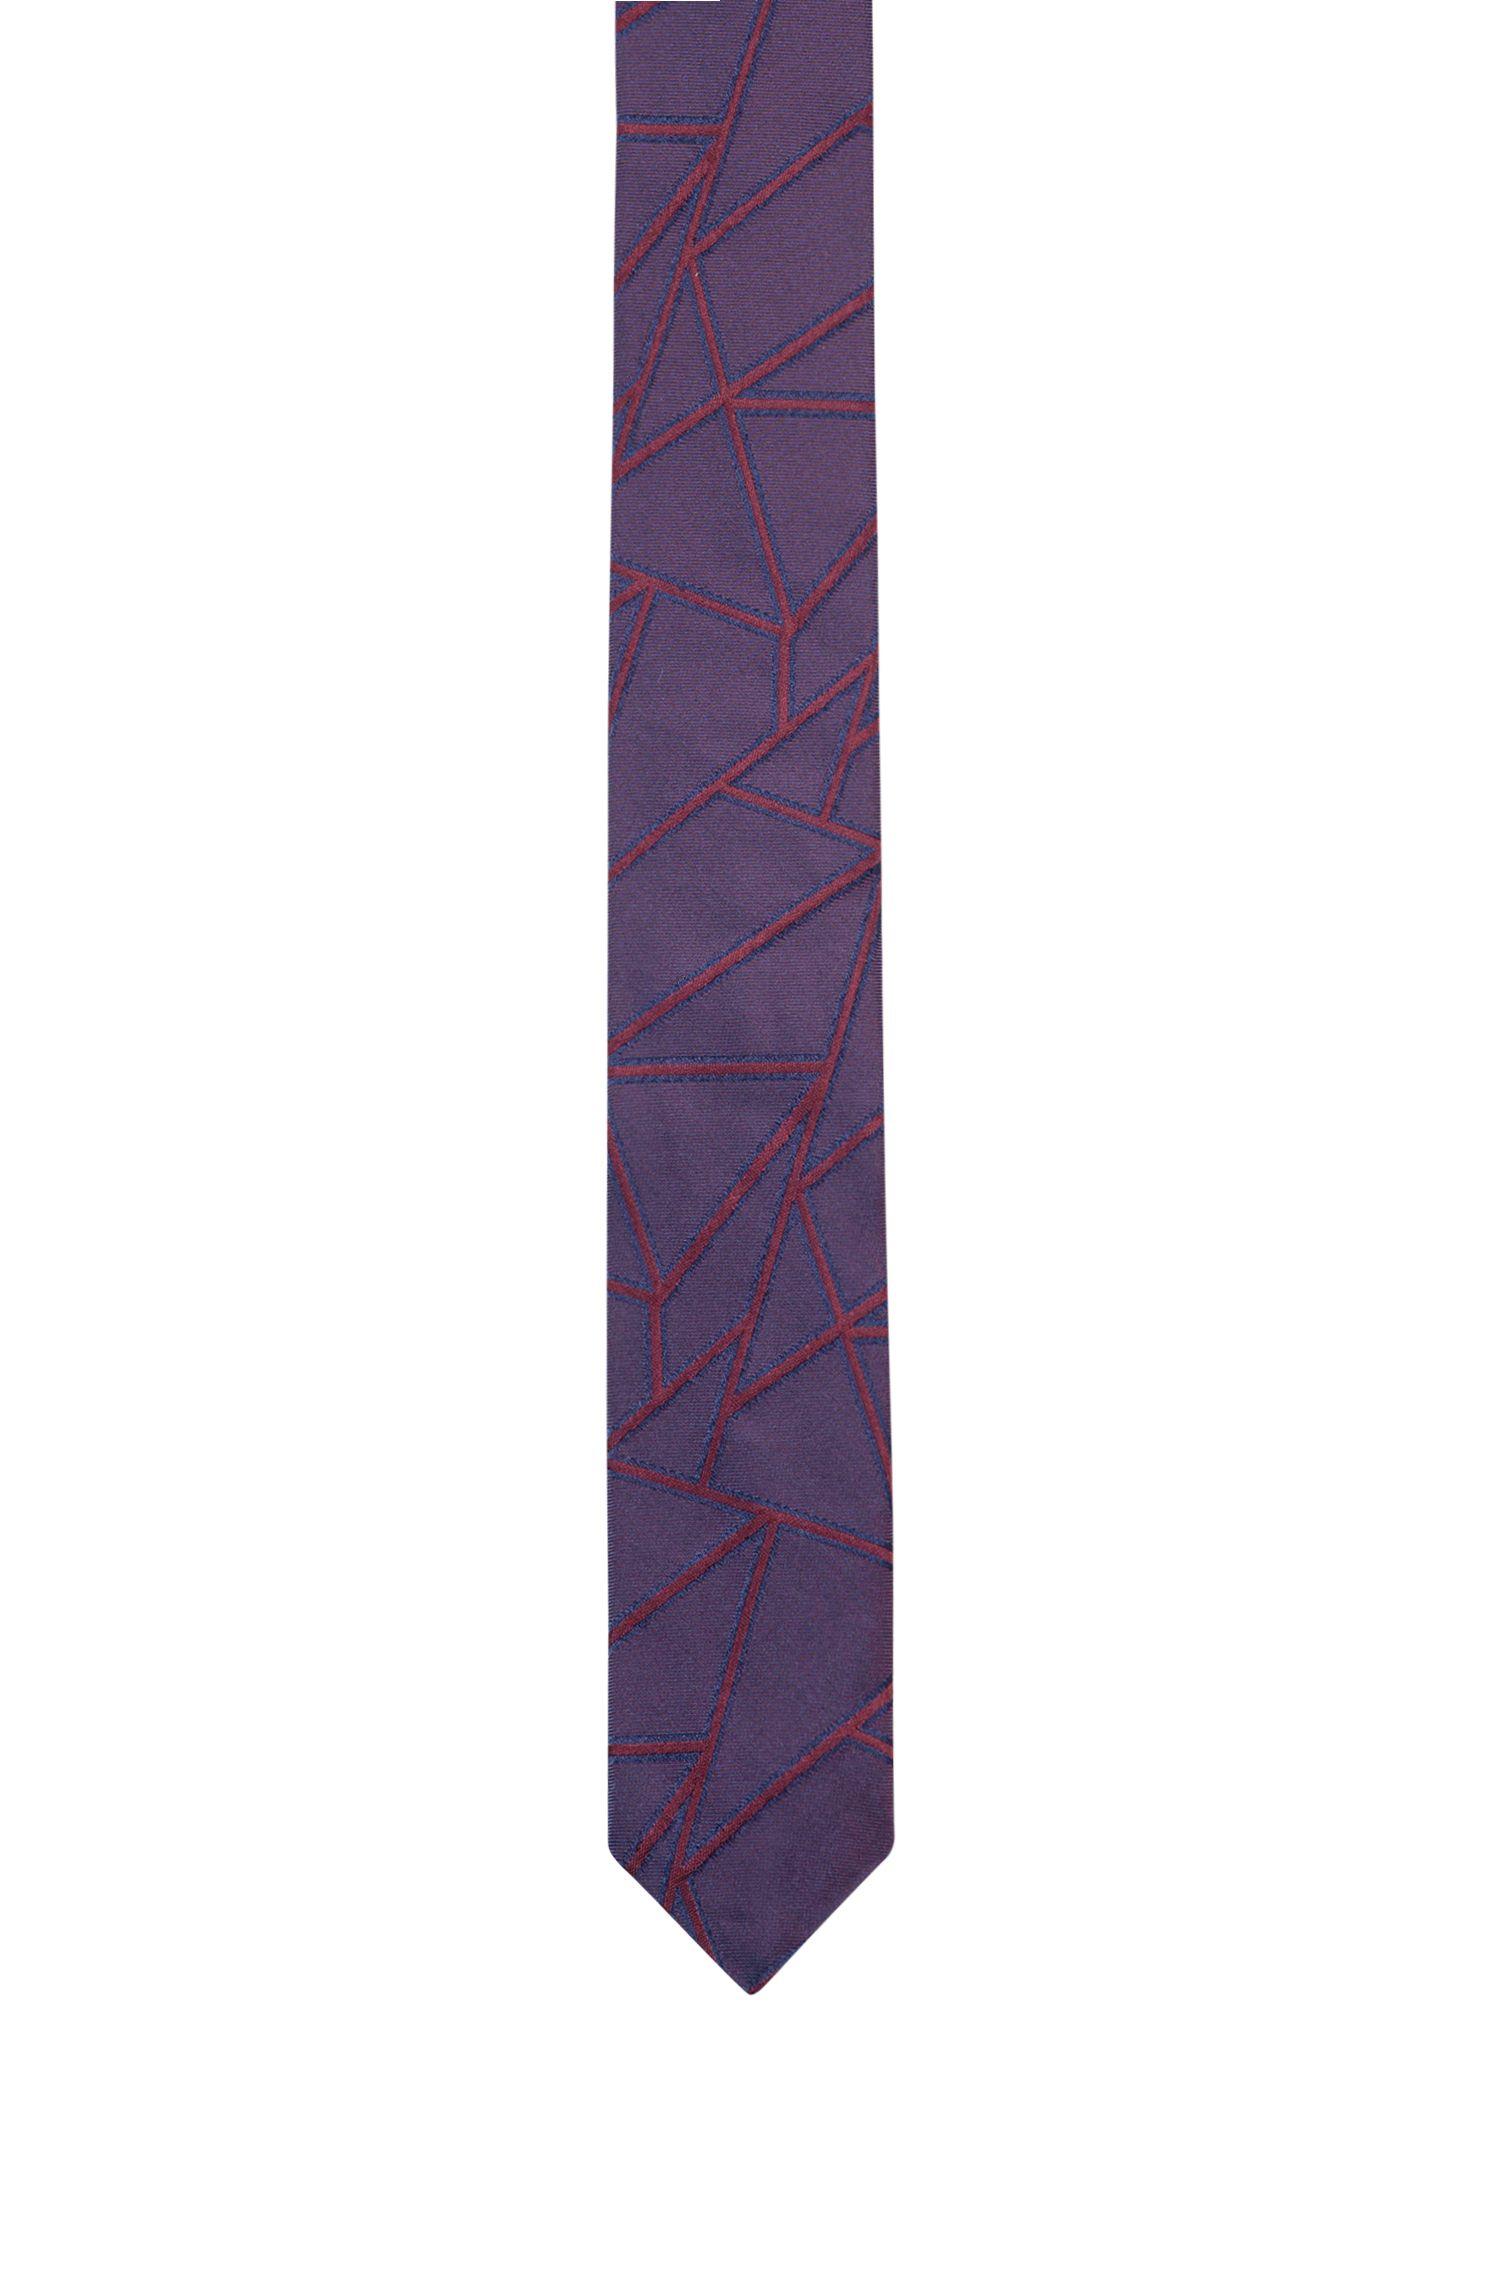 Krawatte aus Seiden-Jacquard mit geometrischen Linien, Gemustert